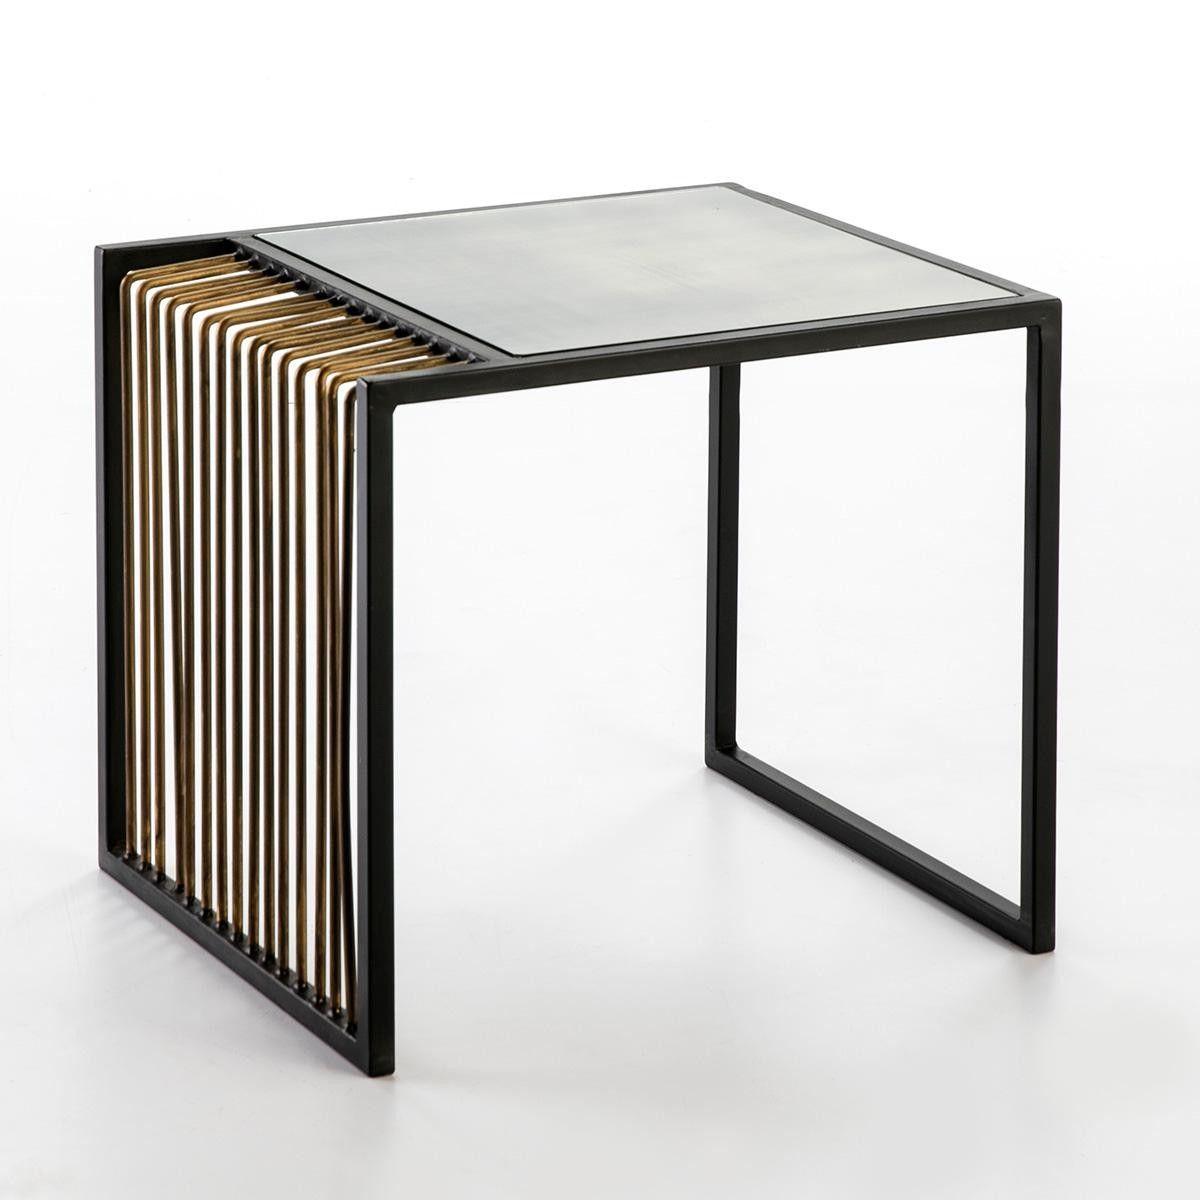 Thai Mobilier Table D Appoint Miroir Vieilli Pieds Metal Noir Et Dore Kiara Lestendances Fr Miroir Vieilli Table D Appoint Table De Chevet